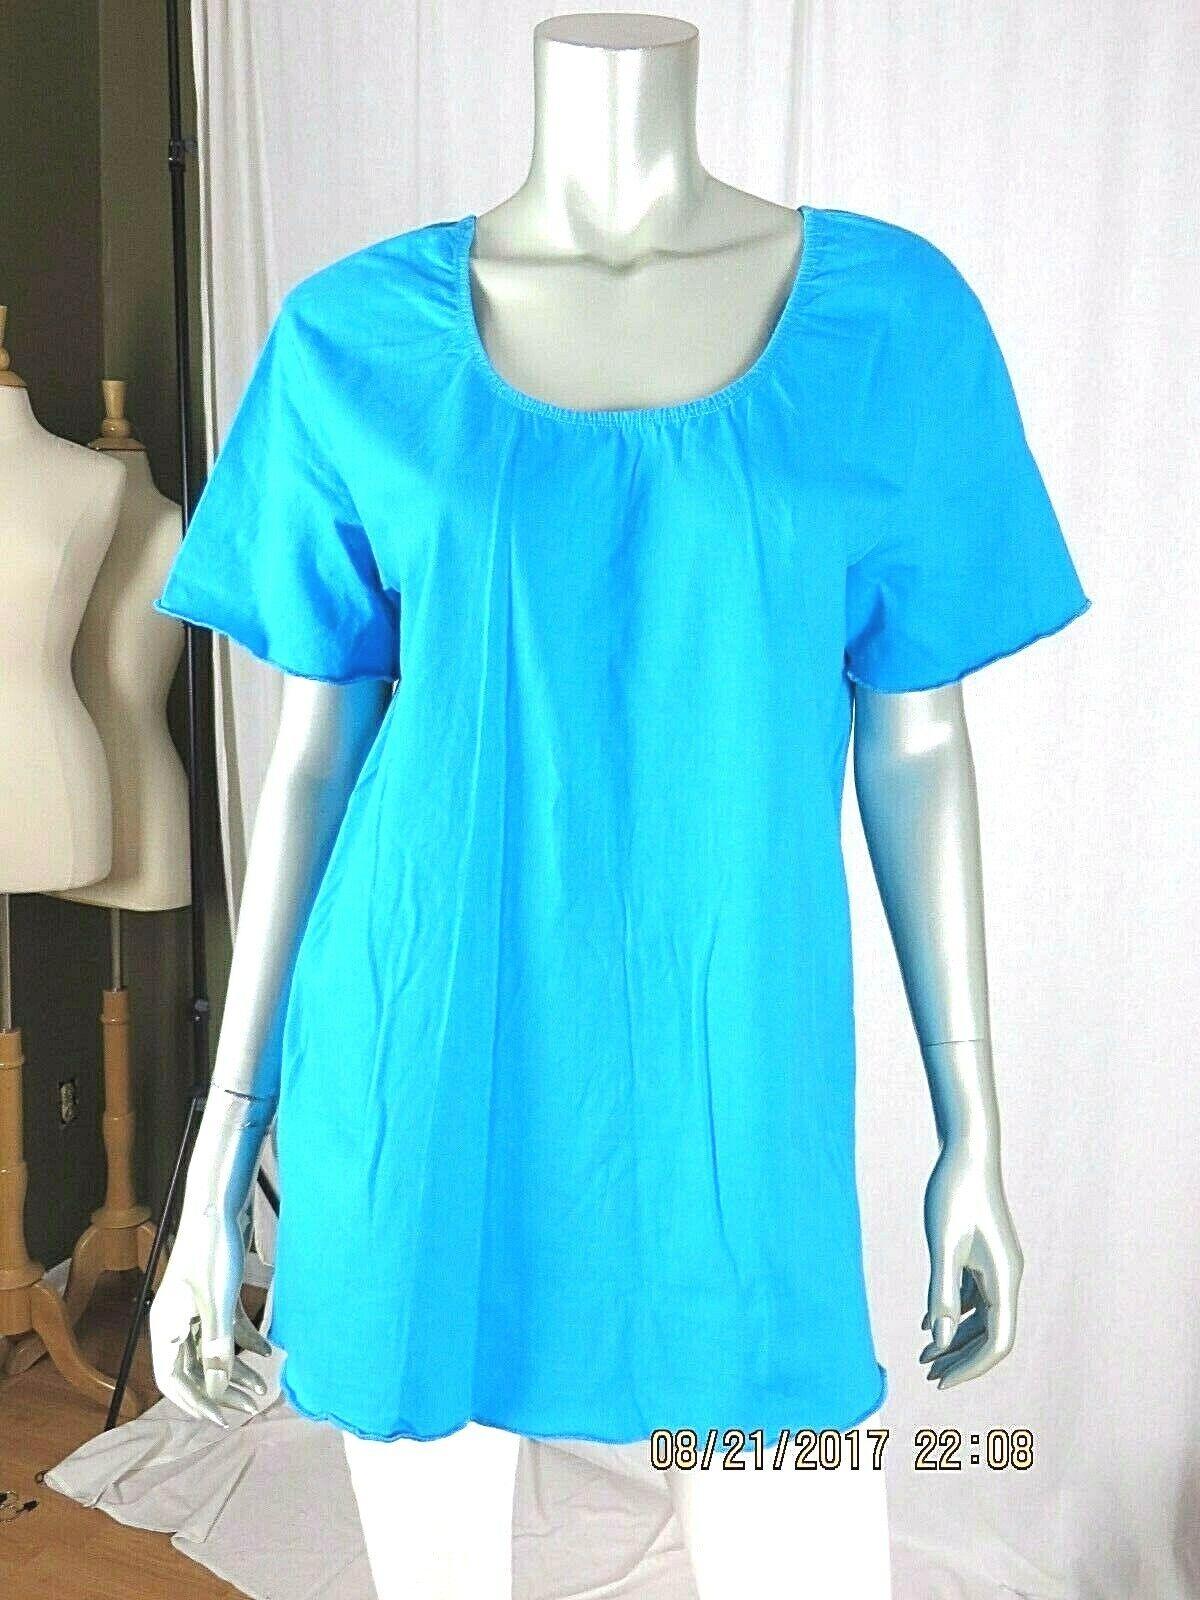 VENEZIA VITALE SZ L 100% Cotton Turquoise Blue Ru… - image 1